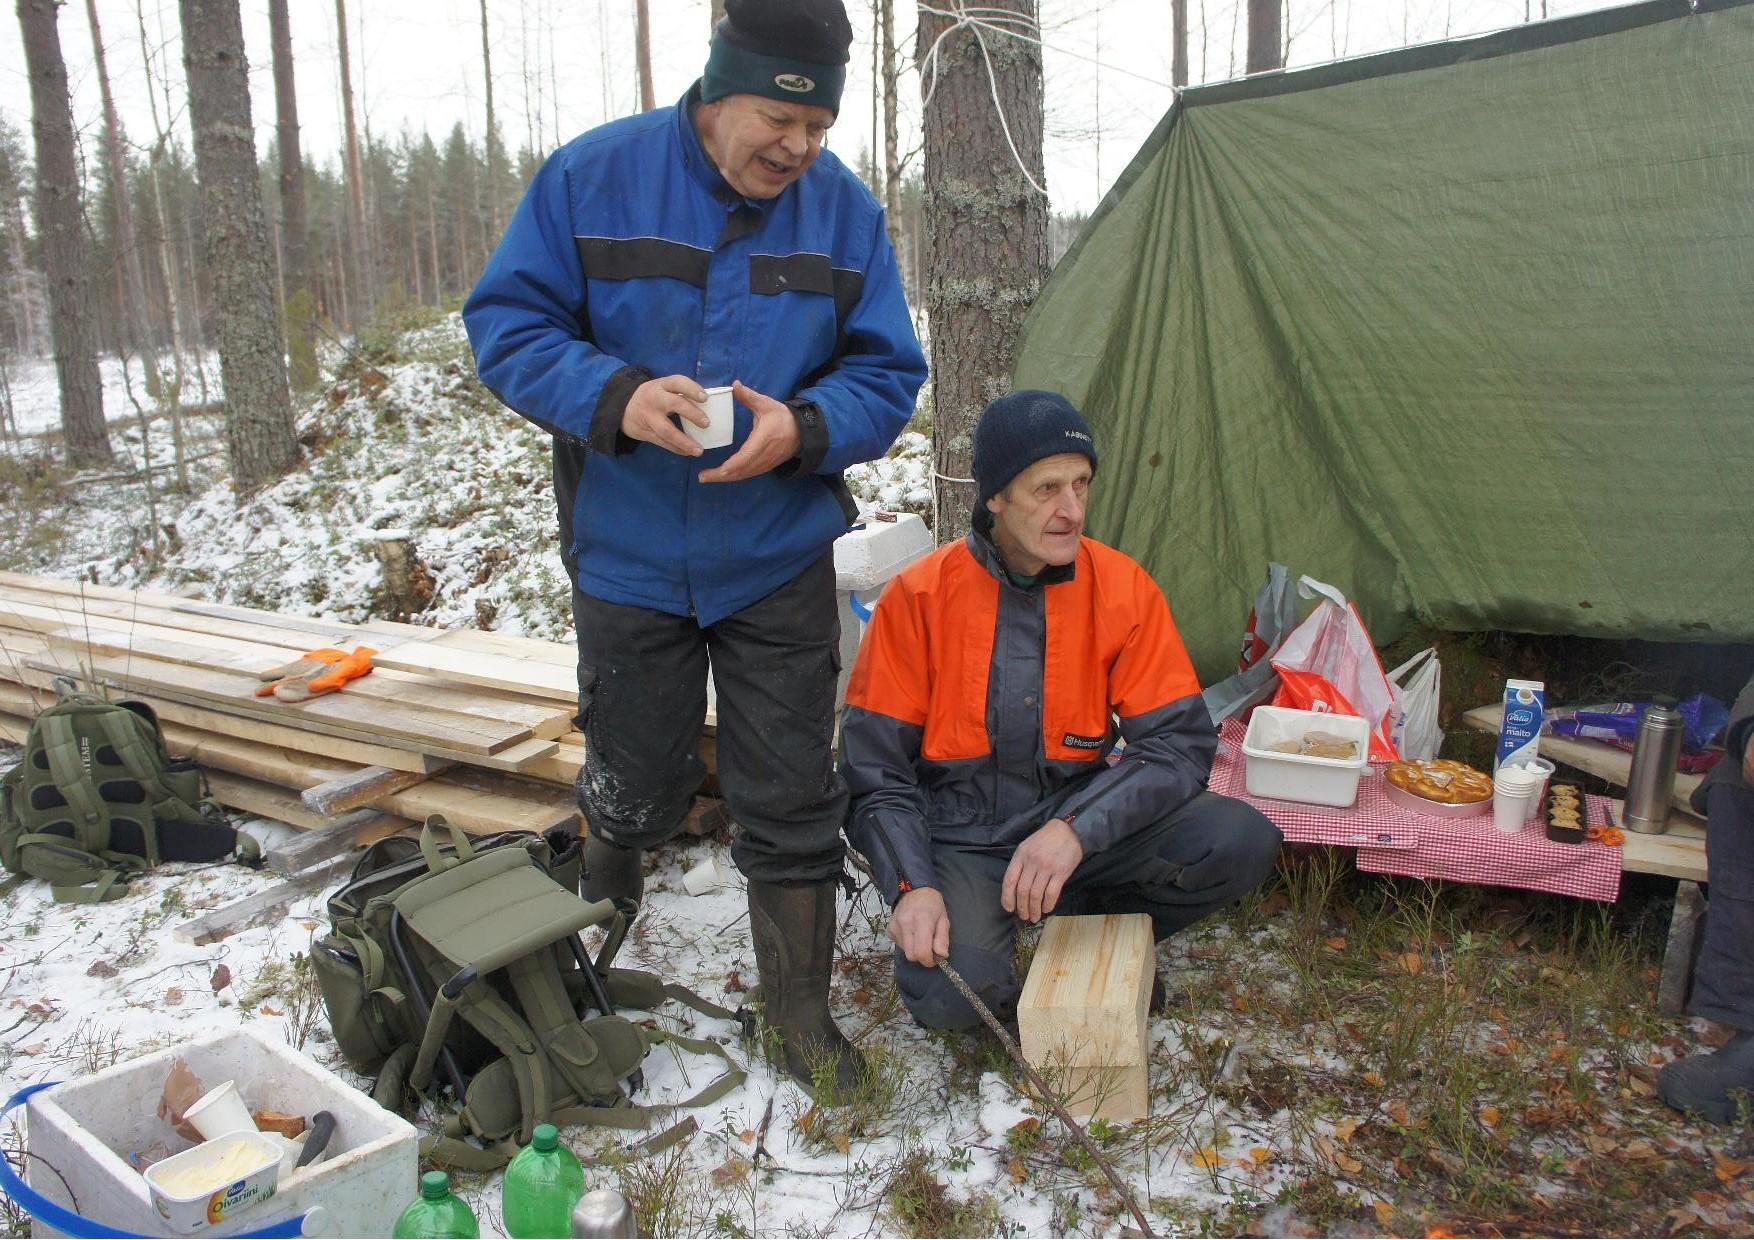 Mauri Mönkkönen ja Risto Piiroinen makkaranpaistopuuhissa talkootyön välissä.